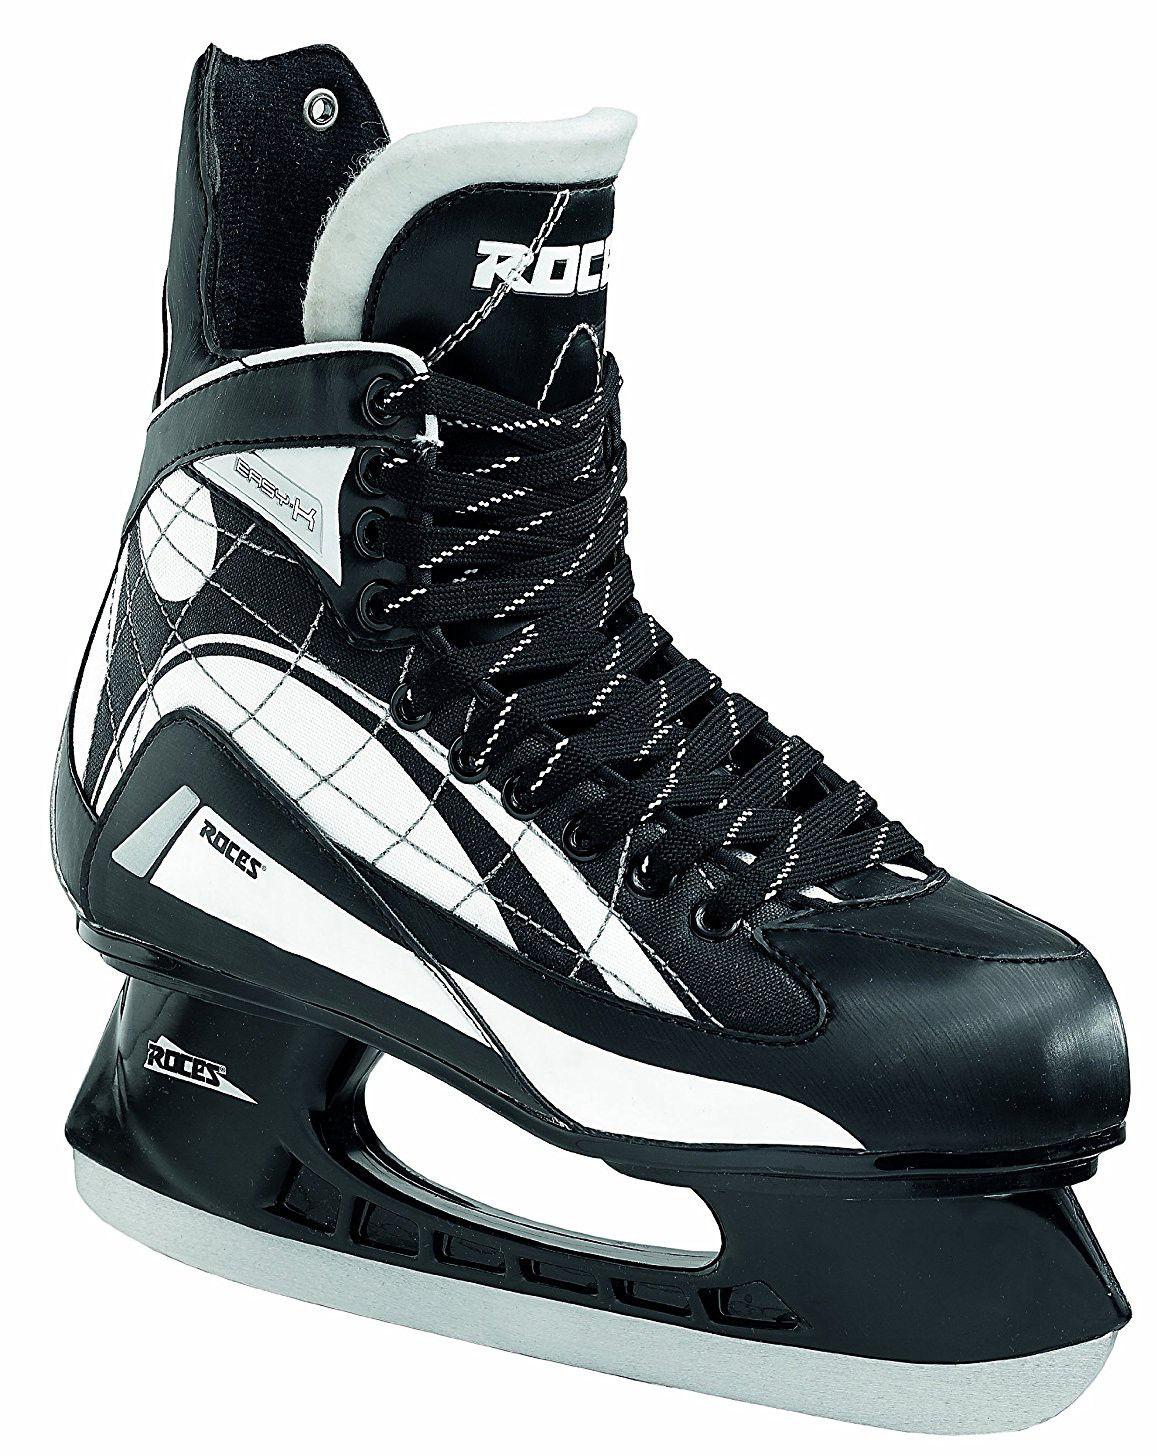 Хоккеист часто получает удары клюшкой, ударяется о борт, «ловит» шайбу ботинком.